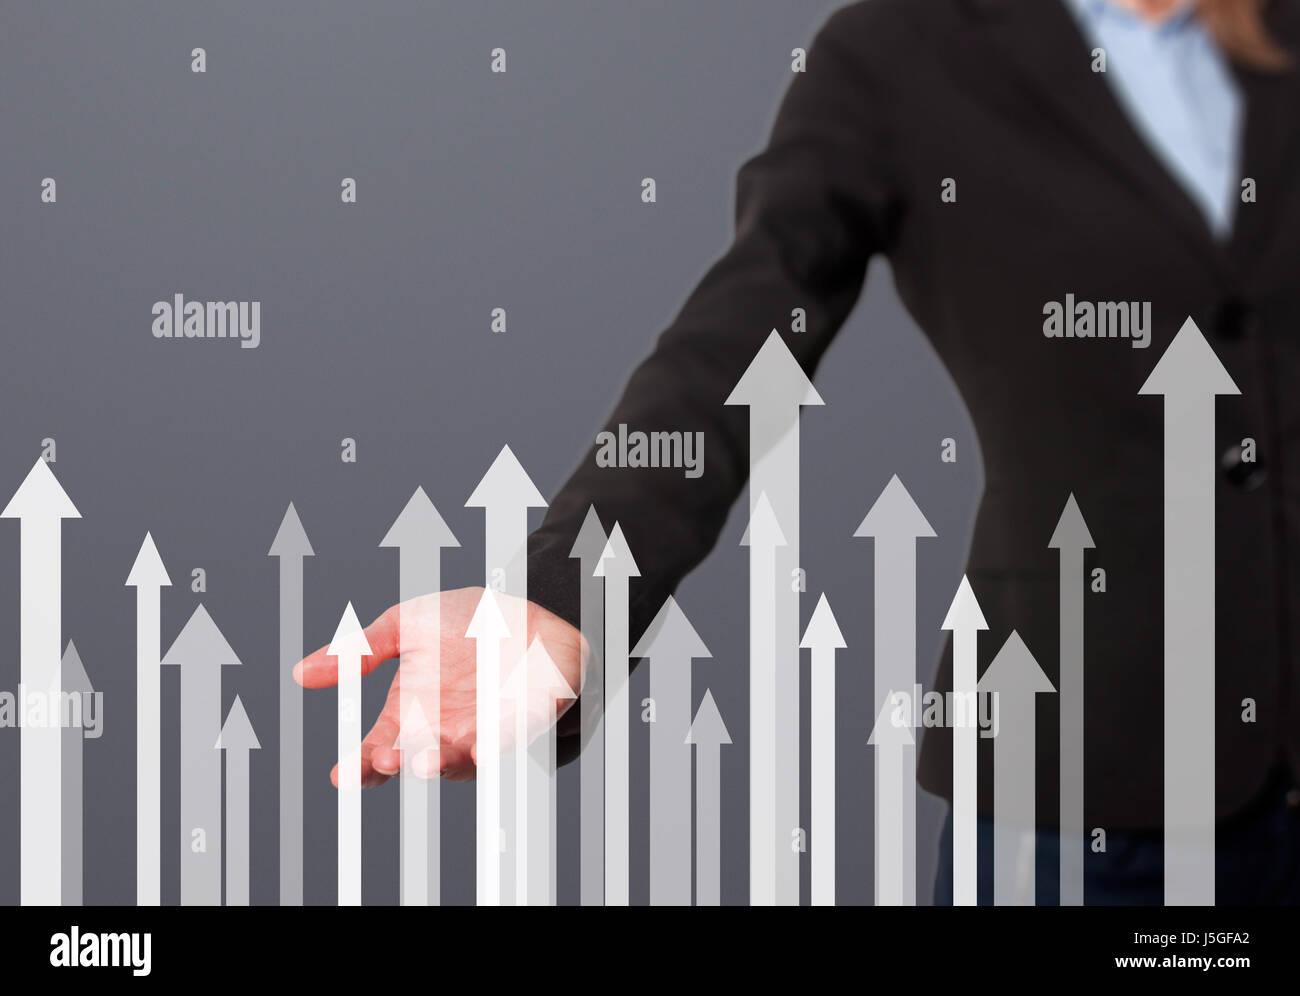 La empresaria con símbolos financieros próximos. Negocios, crecimiento, inversión concepto. Las mujeres Imagen De Stock